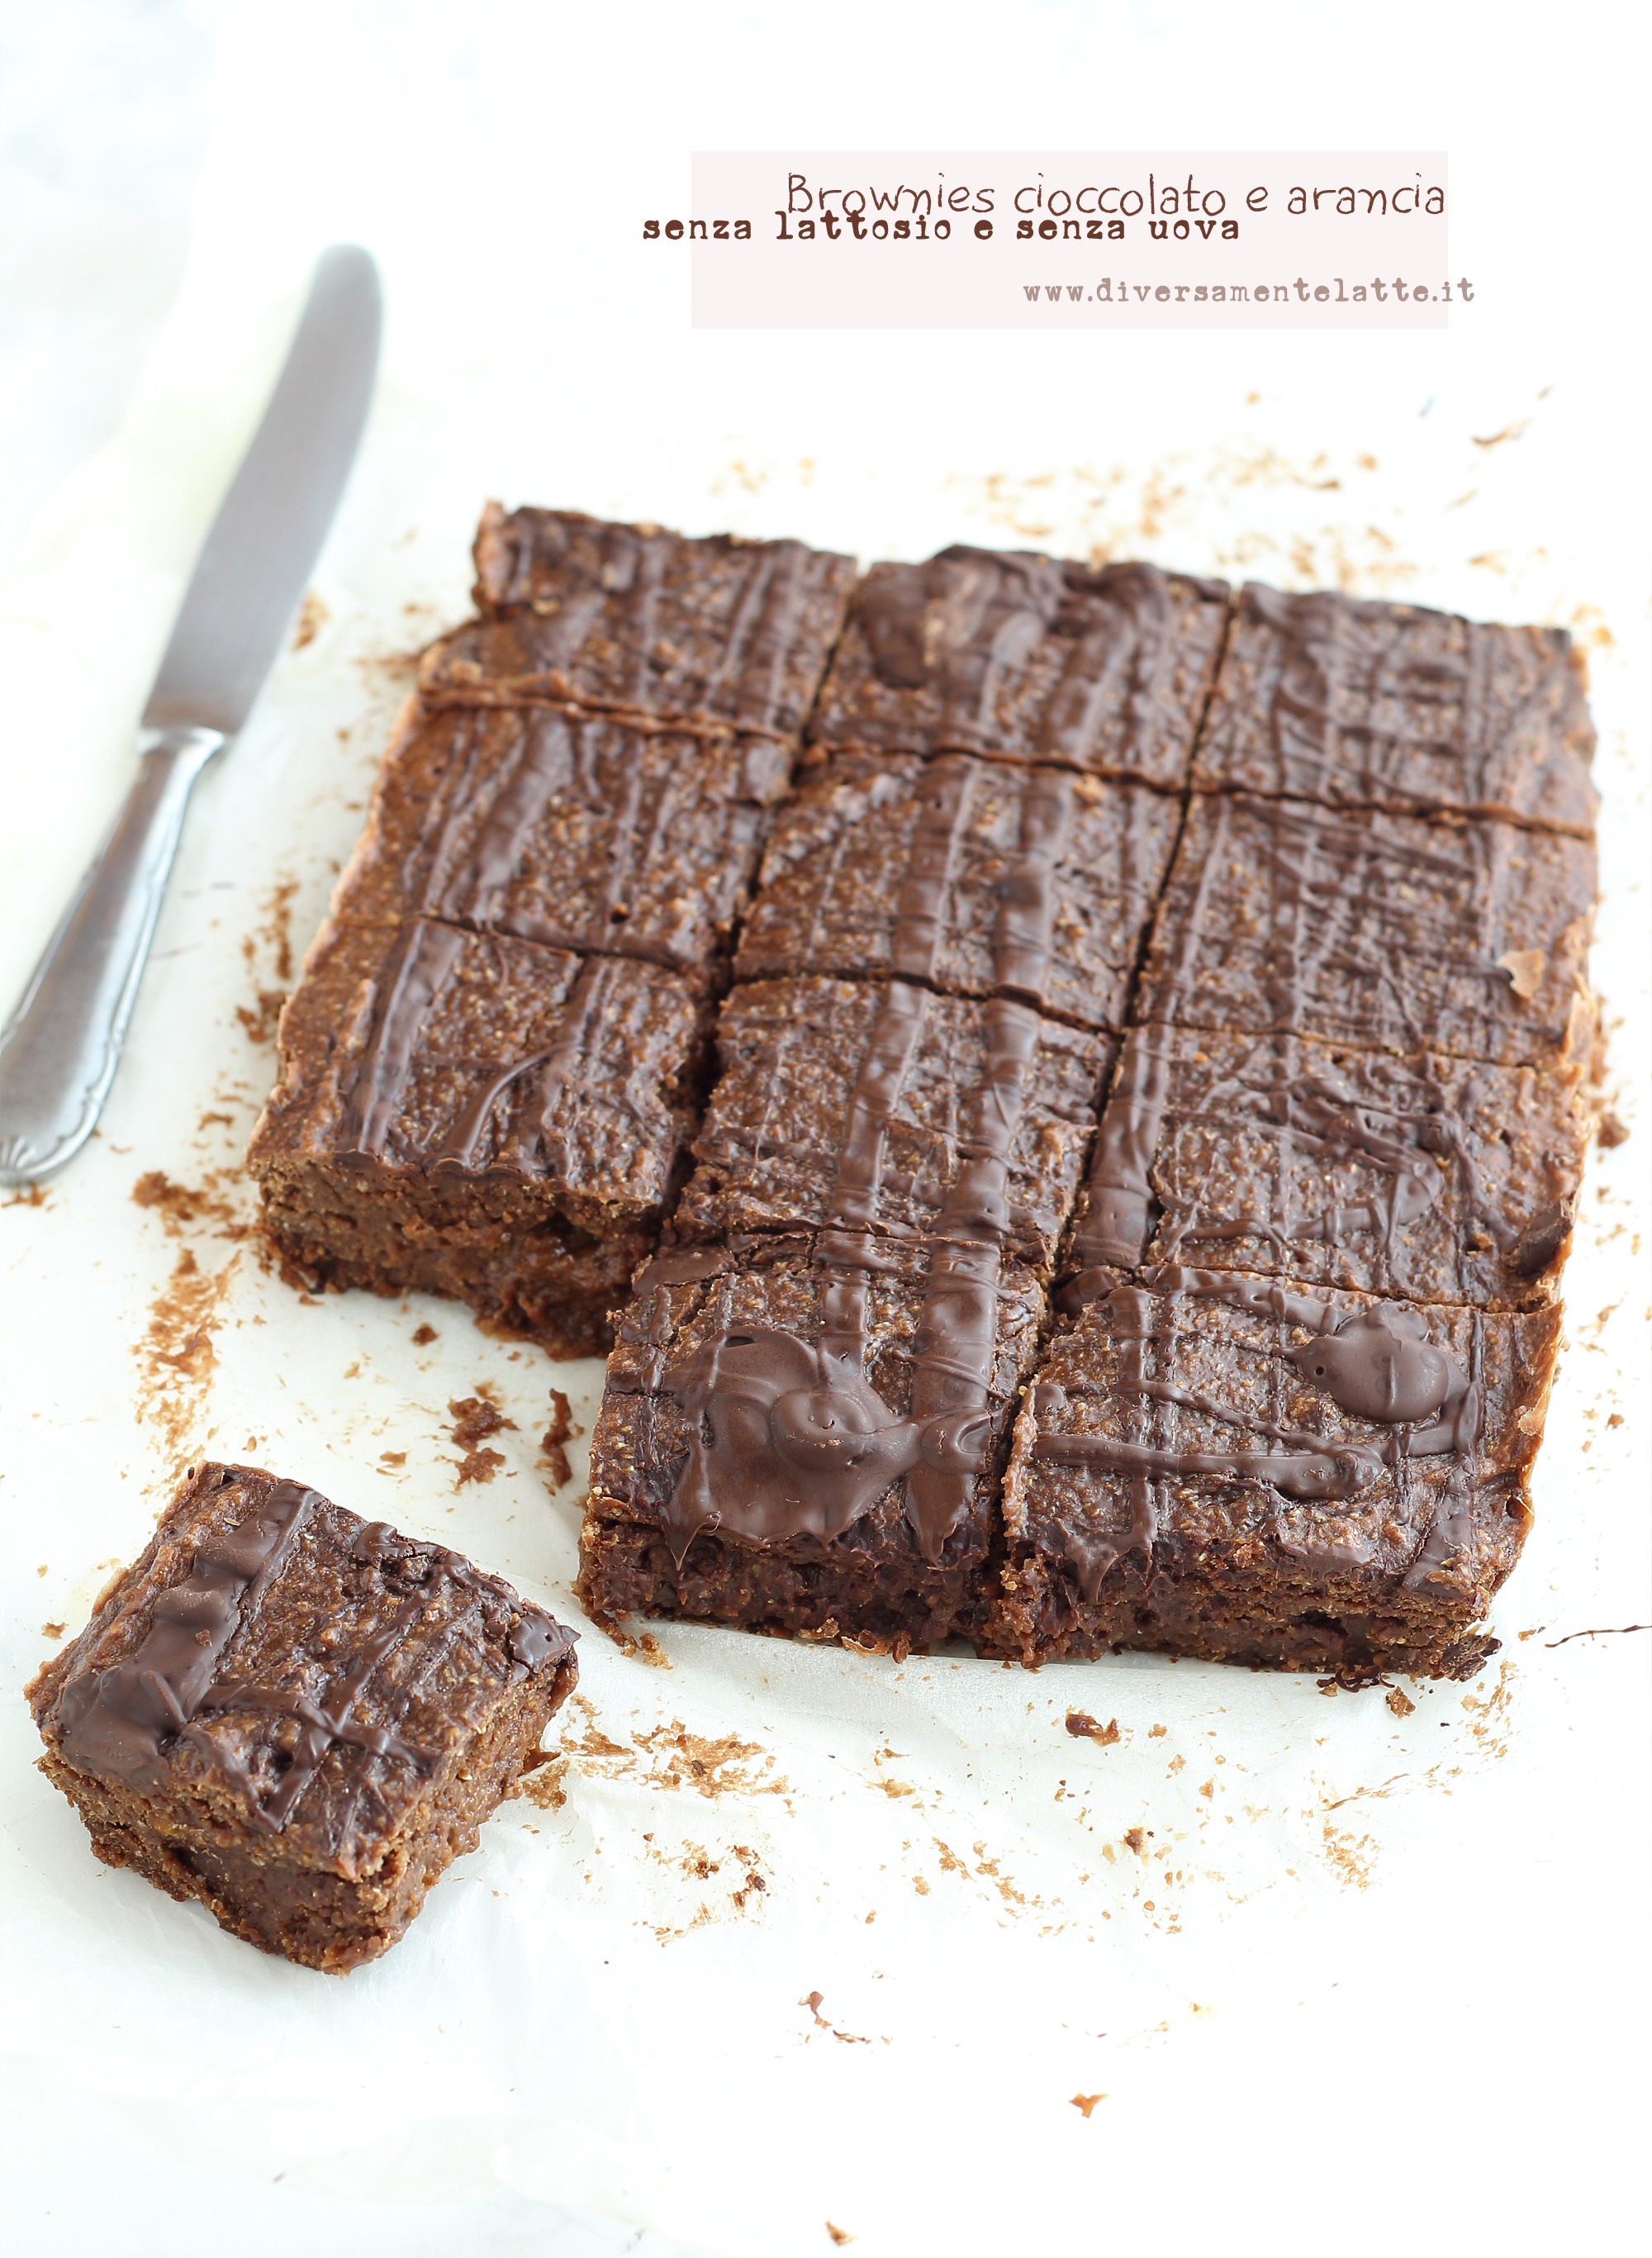 brownies cioccolato arancia senza lattosio senza uova